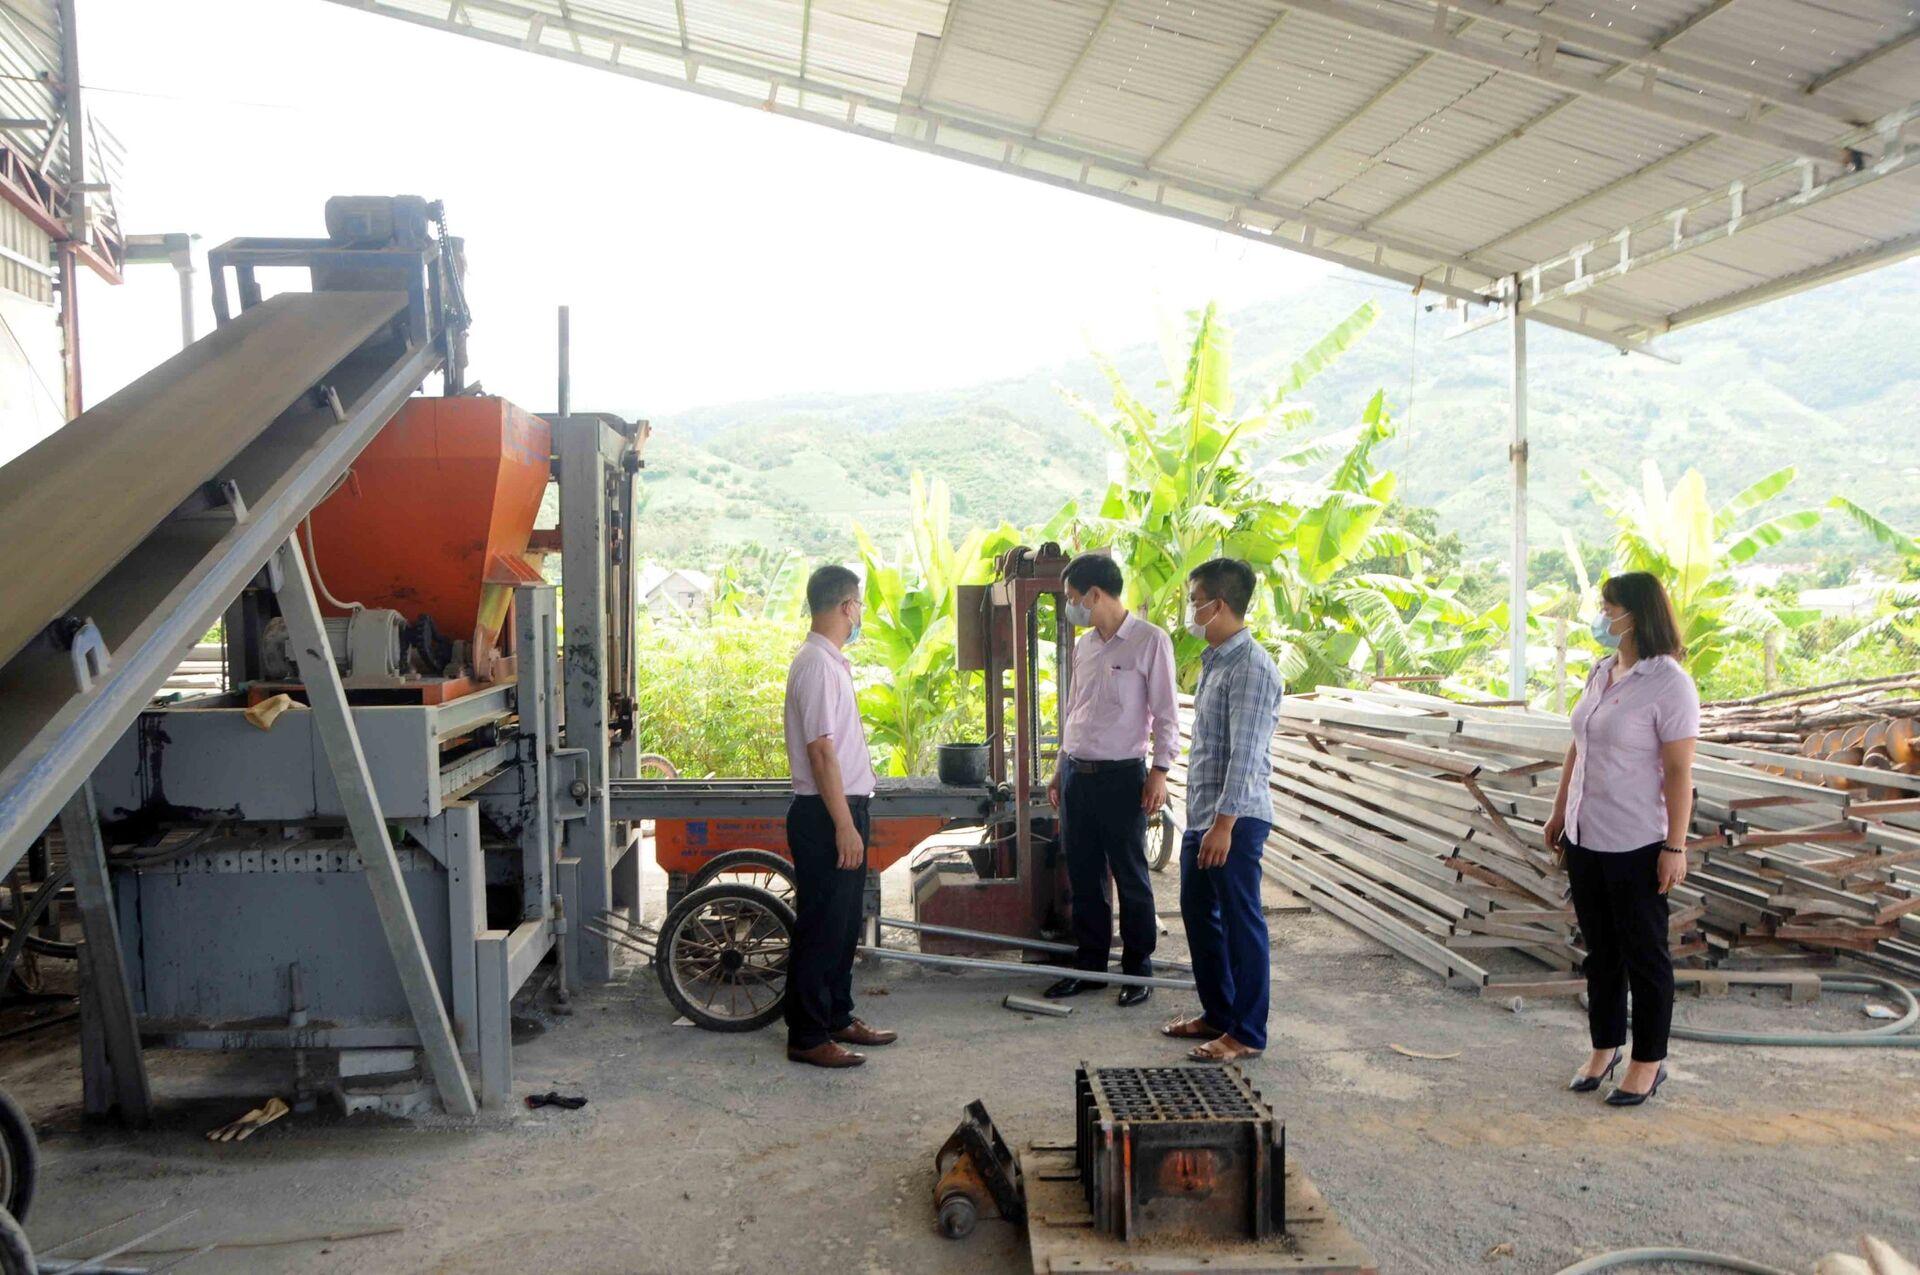 Sau khi có được vay vốn chính sách hỗ trợ, công ty vật liệu xây dựng Quang Huy, huyện Sông Mã đã hoạt động sản xuất trở lại - Sputnik Việt Nam, 1920, 05.10.2021